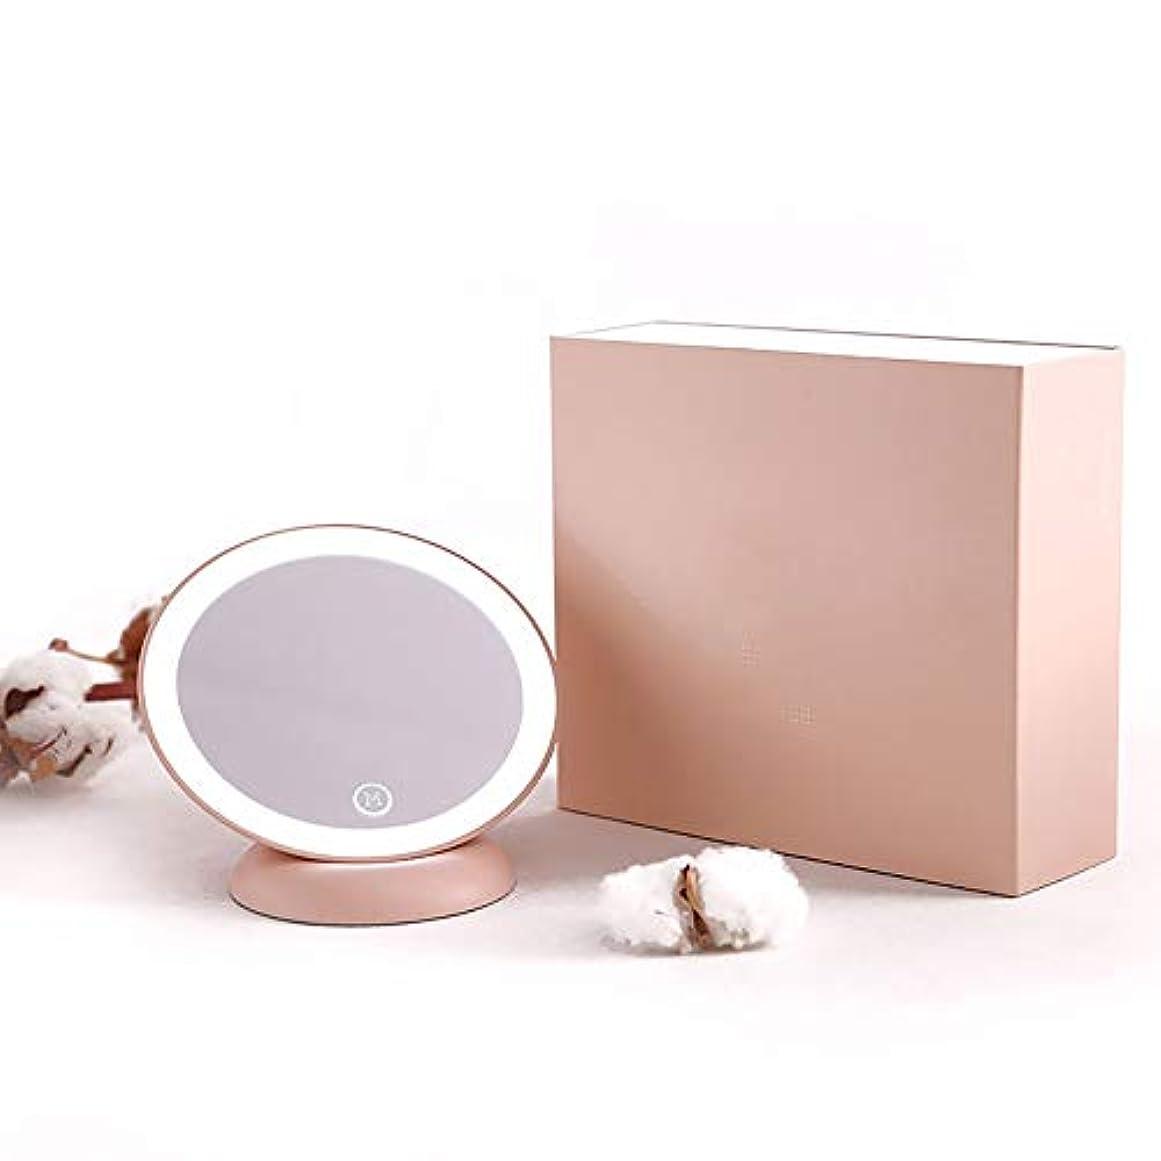 公使館何よりも逆流行の 磁石を運ぶ創造的なライト360度回転ピンク1200mAh化粧鏡